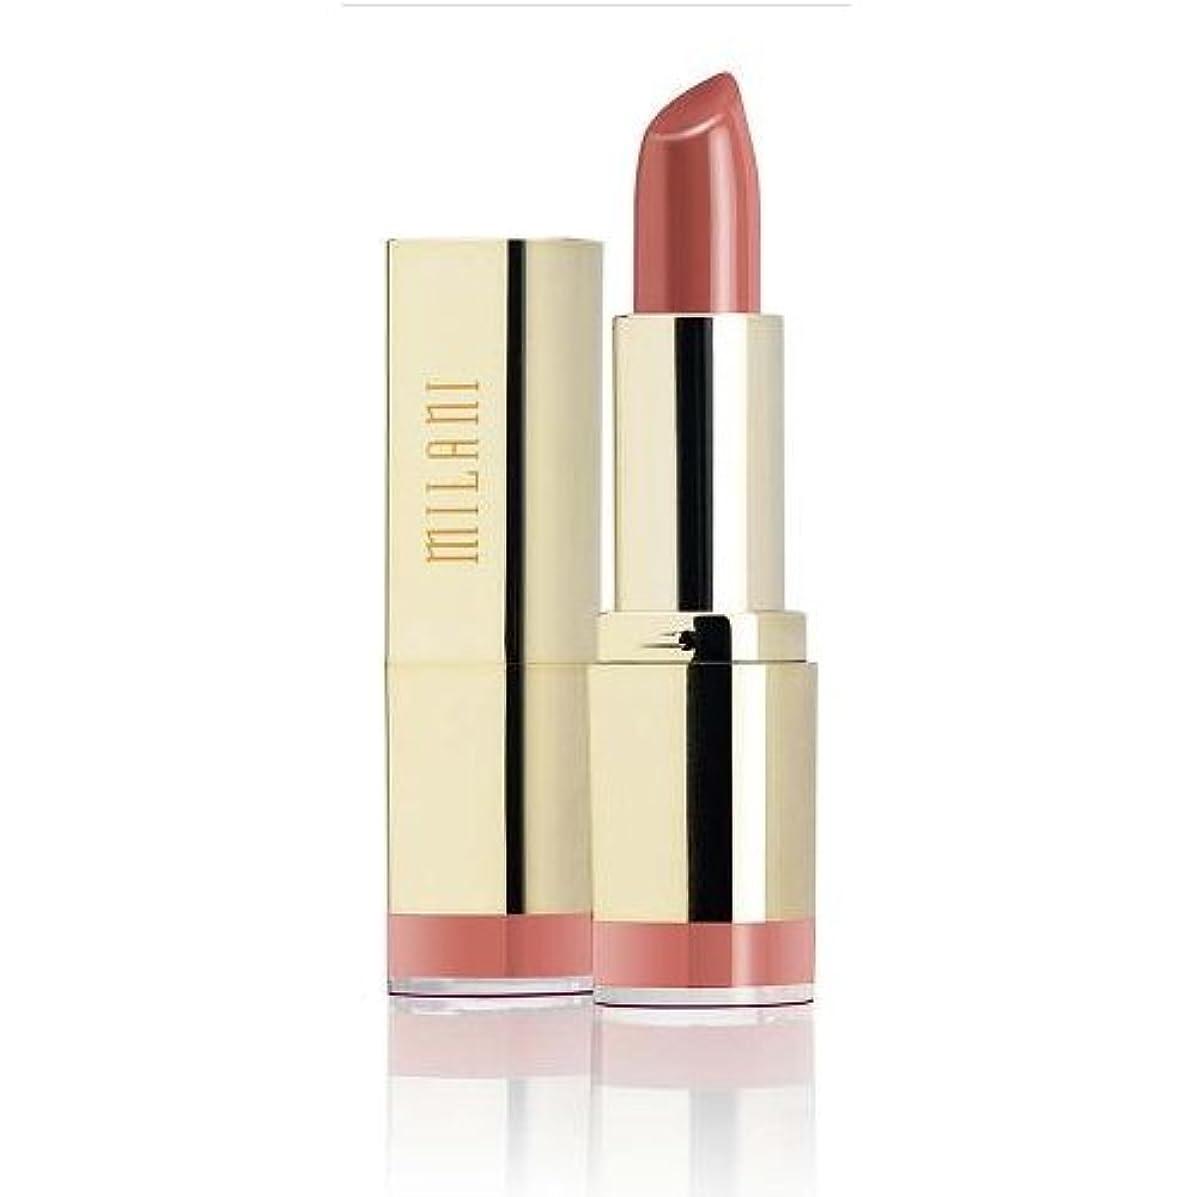 例外気候の山ズームインする(3 Pack) MILANI Color Statement Lipstick - Naturally Chic (並行輸入品)